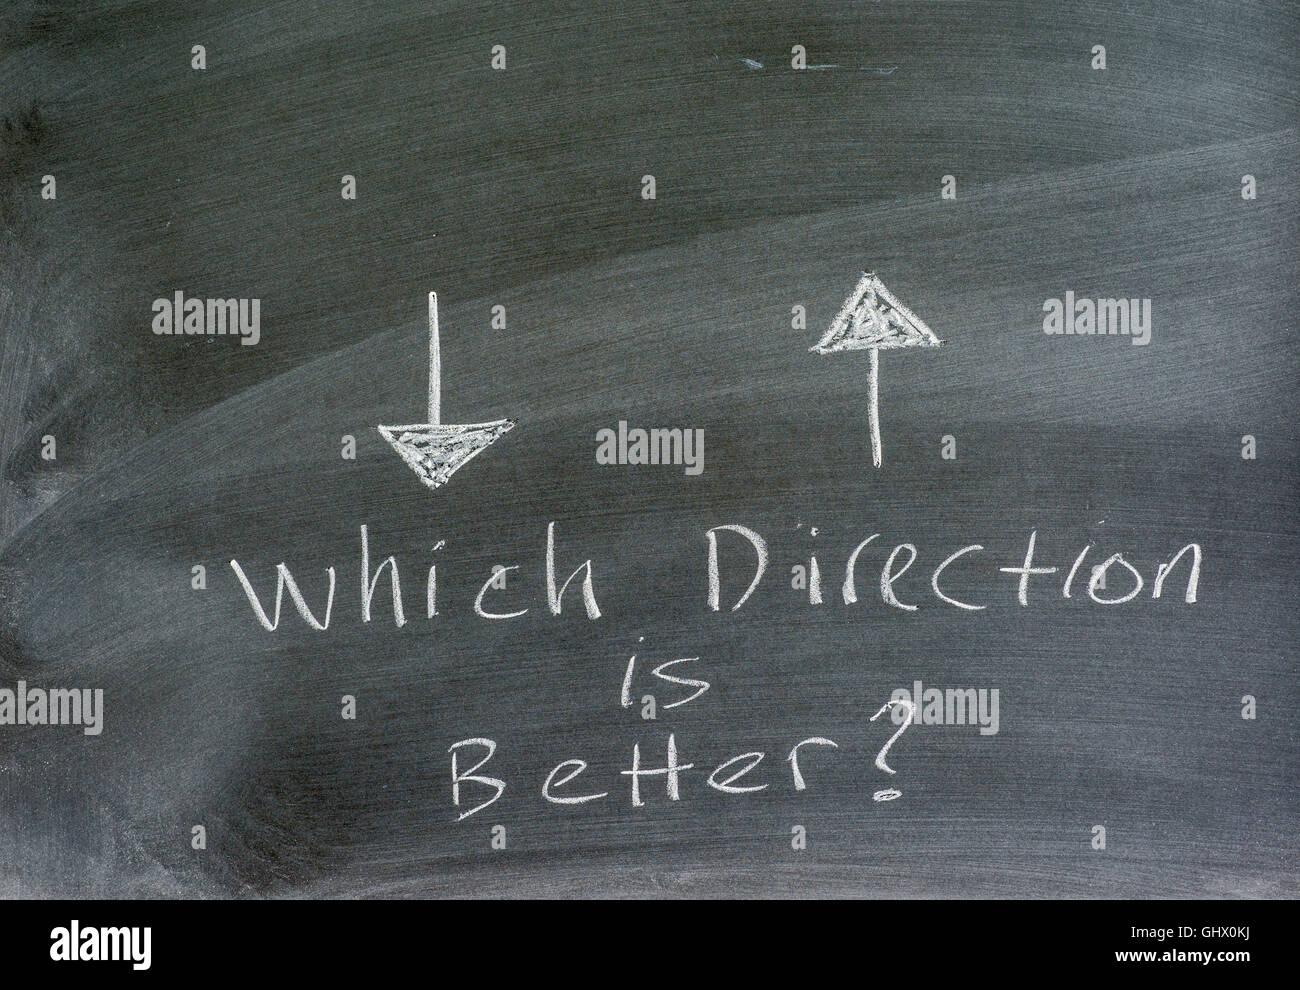 Richtungspfeile auf einer Kreidetafel, konzeptionelle, schriftliche Anfrage. Stockbild